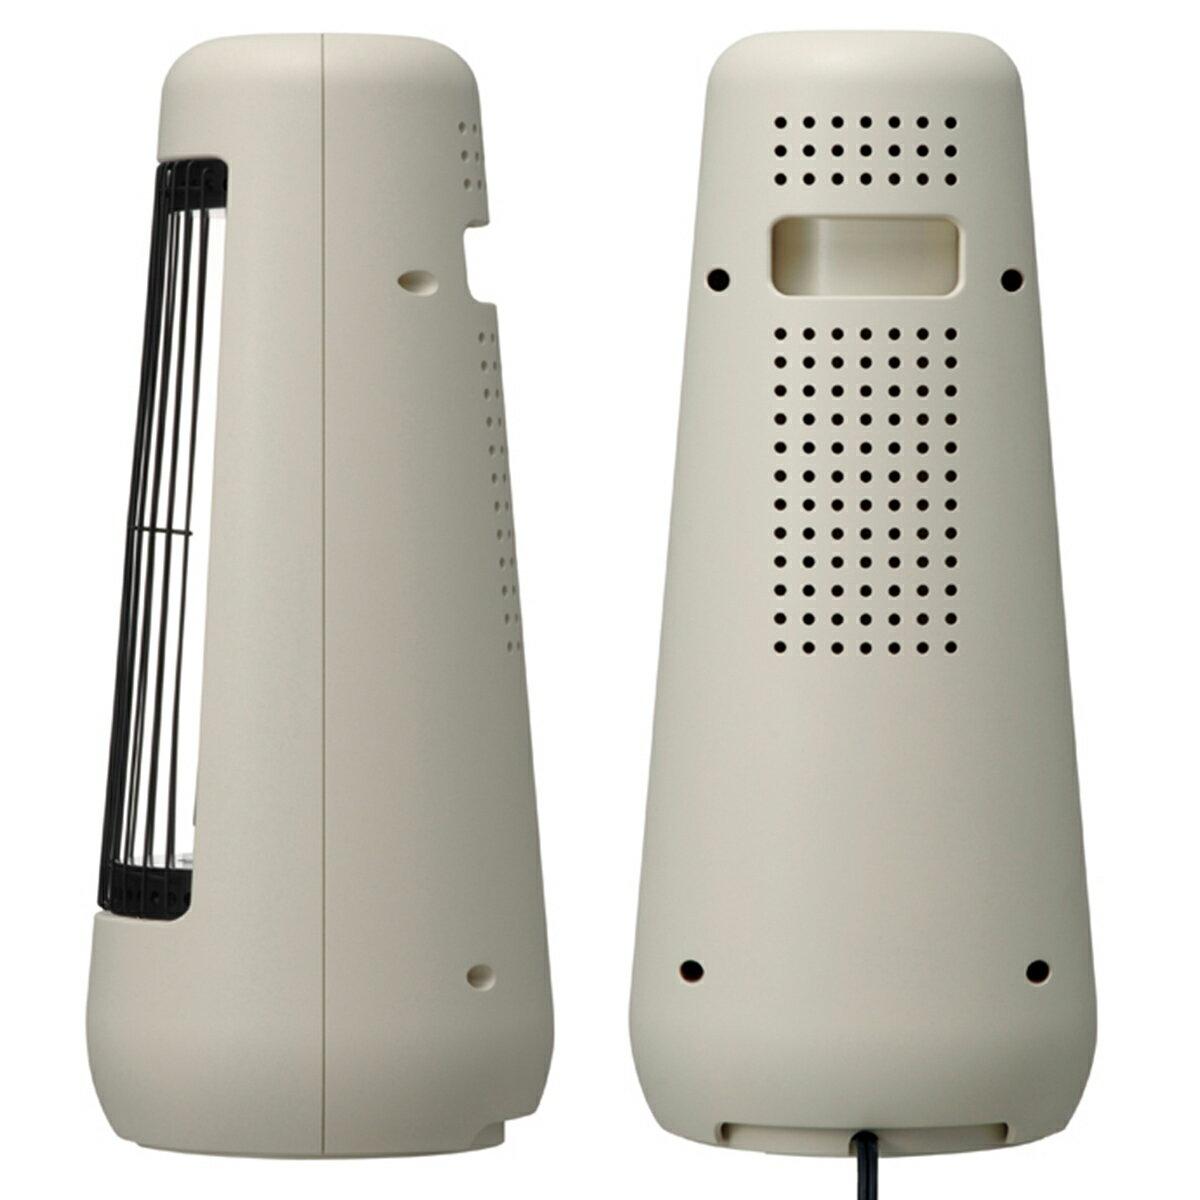 プラマイゼロ カーボンヒーター 電気ストーブ XHS-Y210-Cの写真